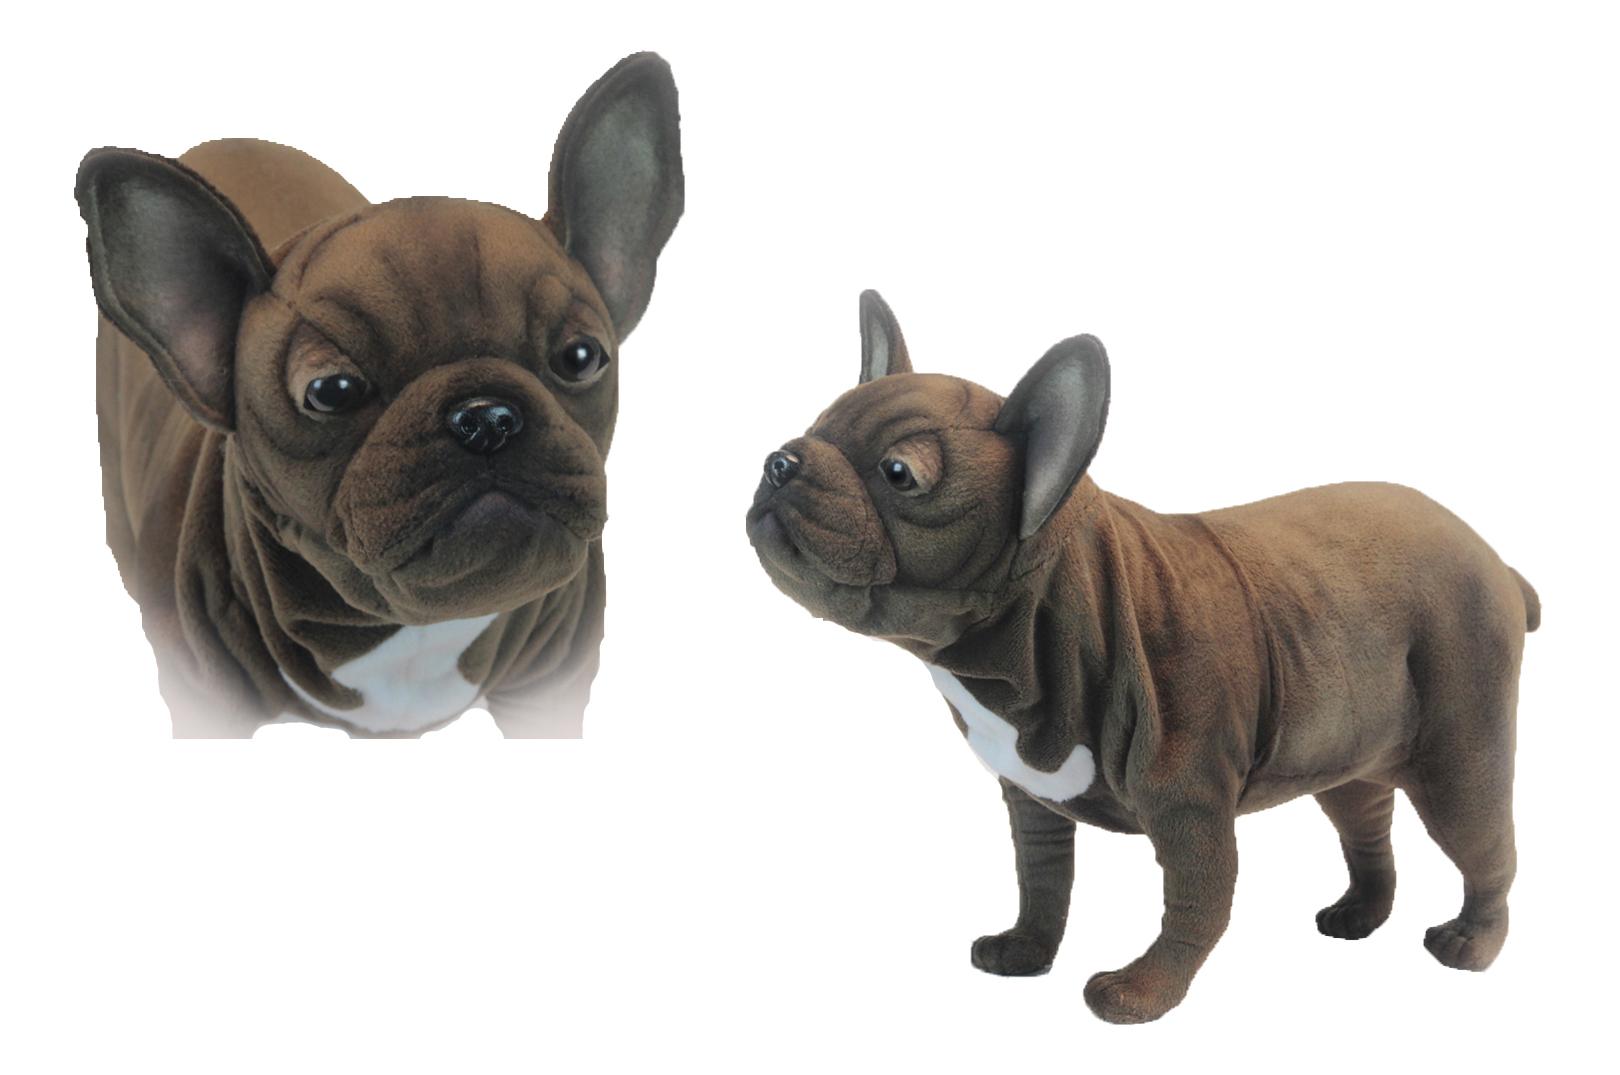 Купить Французский бульдог 50 см, Мягкая игрушка Hansa Французский Бульдог, Взрослый 50 см, Мягкие игрушки животные